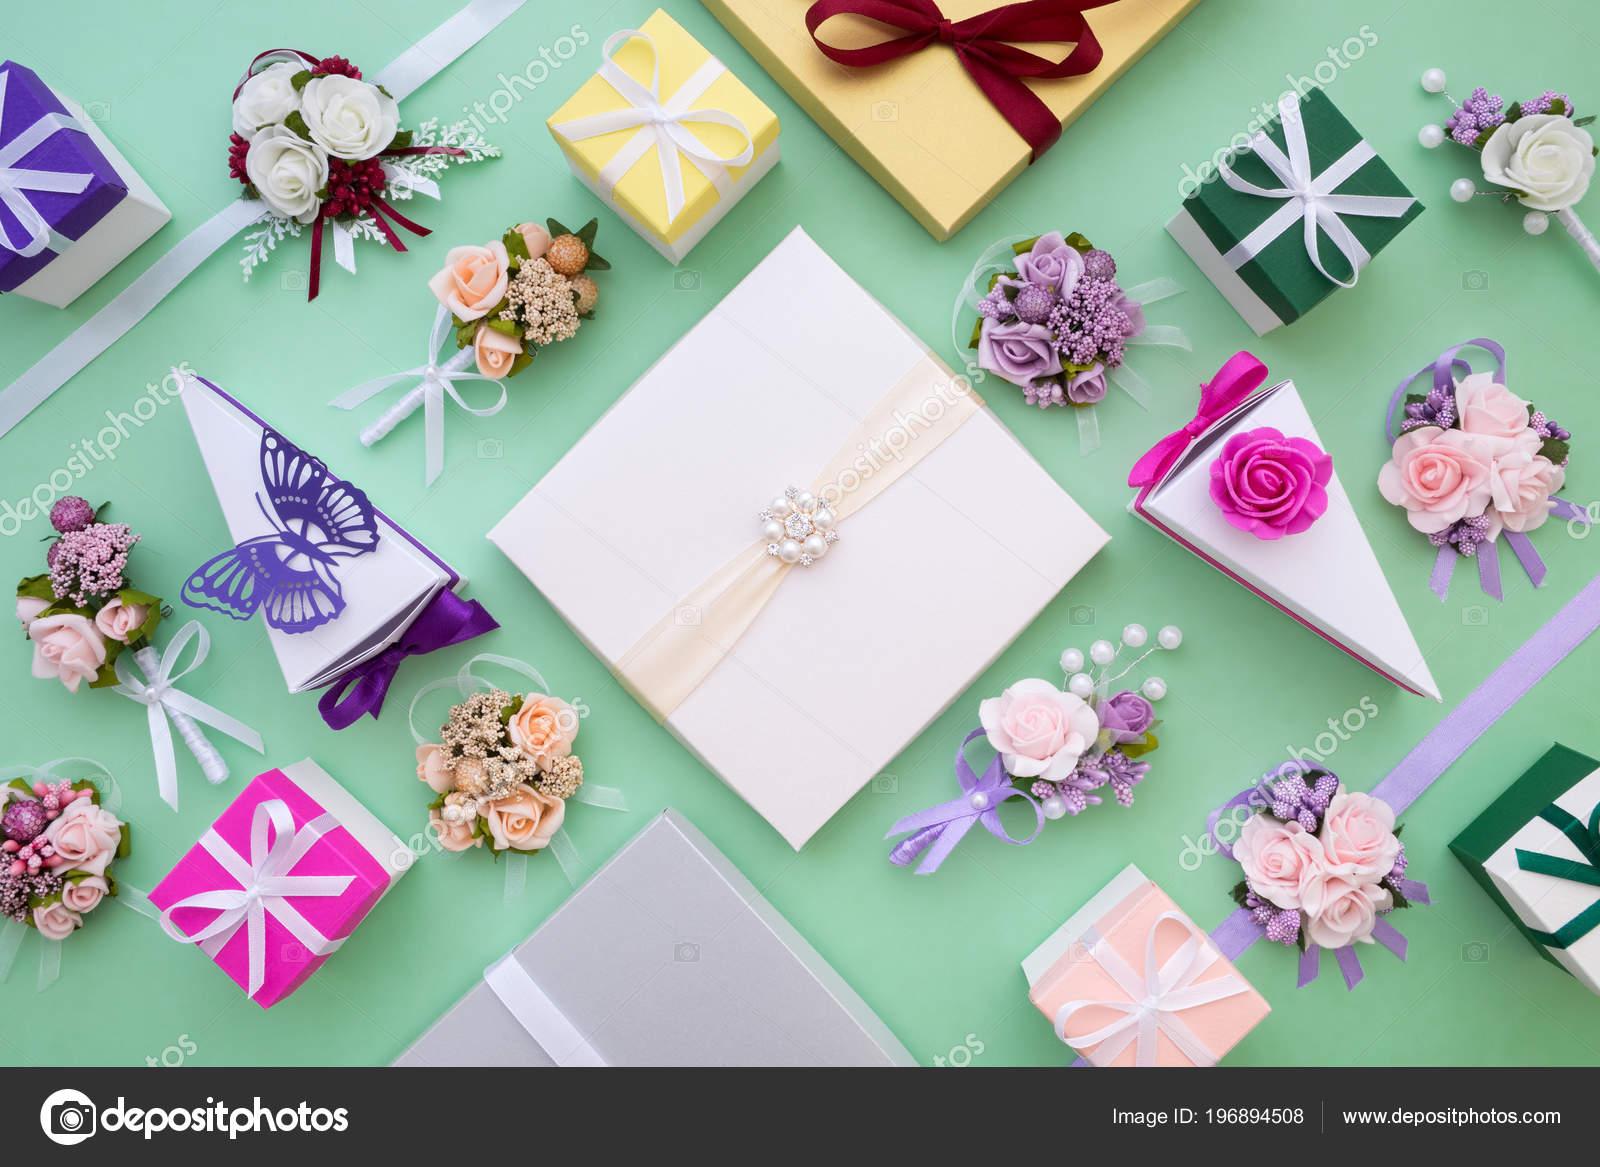 Hochzeit Set Papier Schachteln Blumen Geschenke Dekorationen